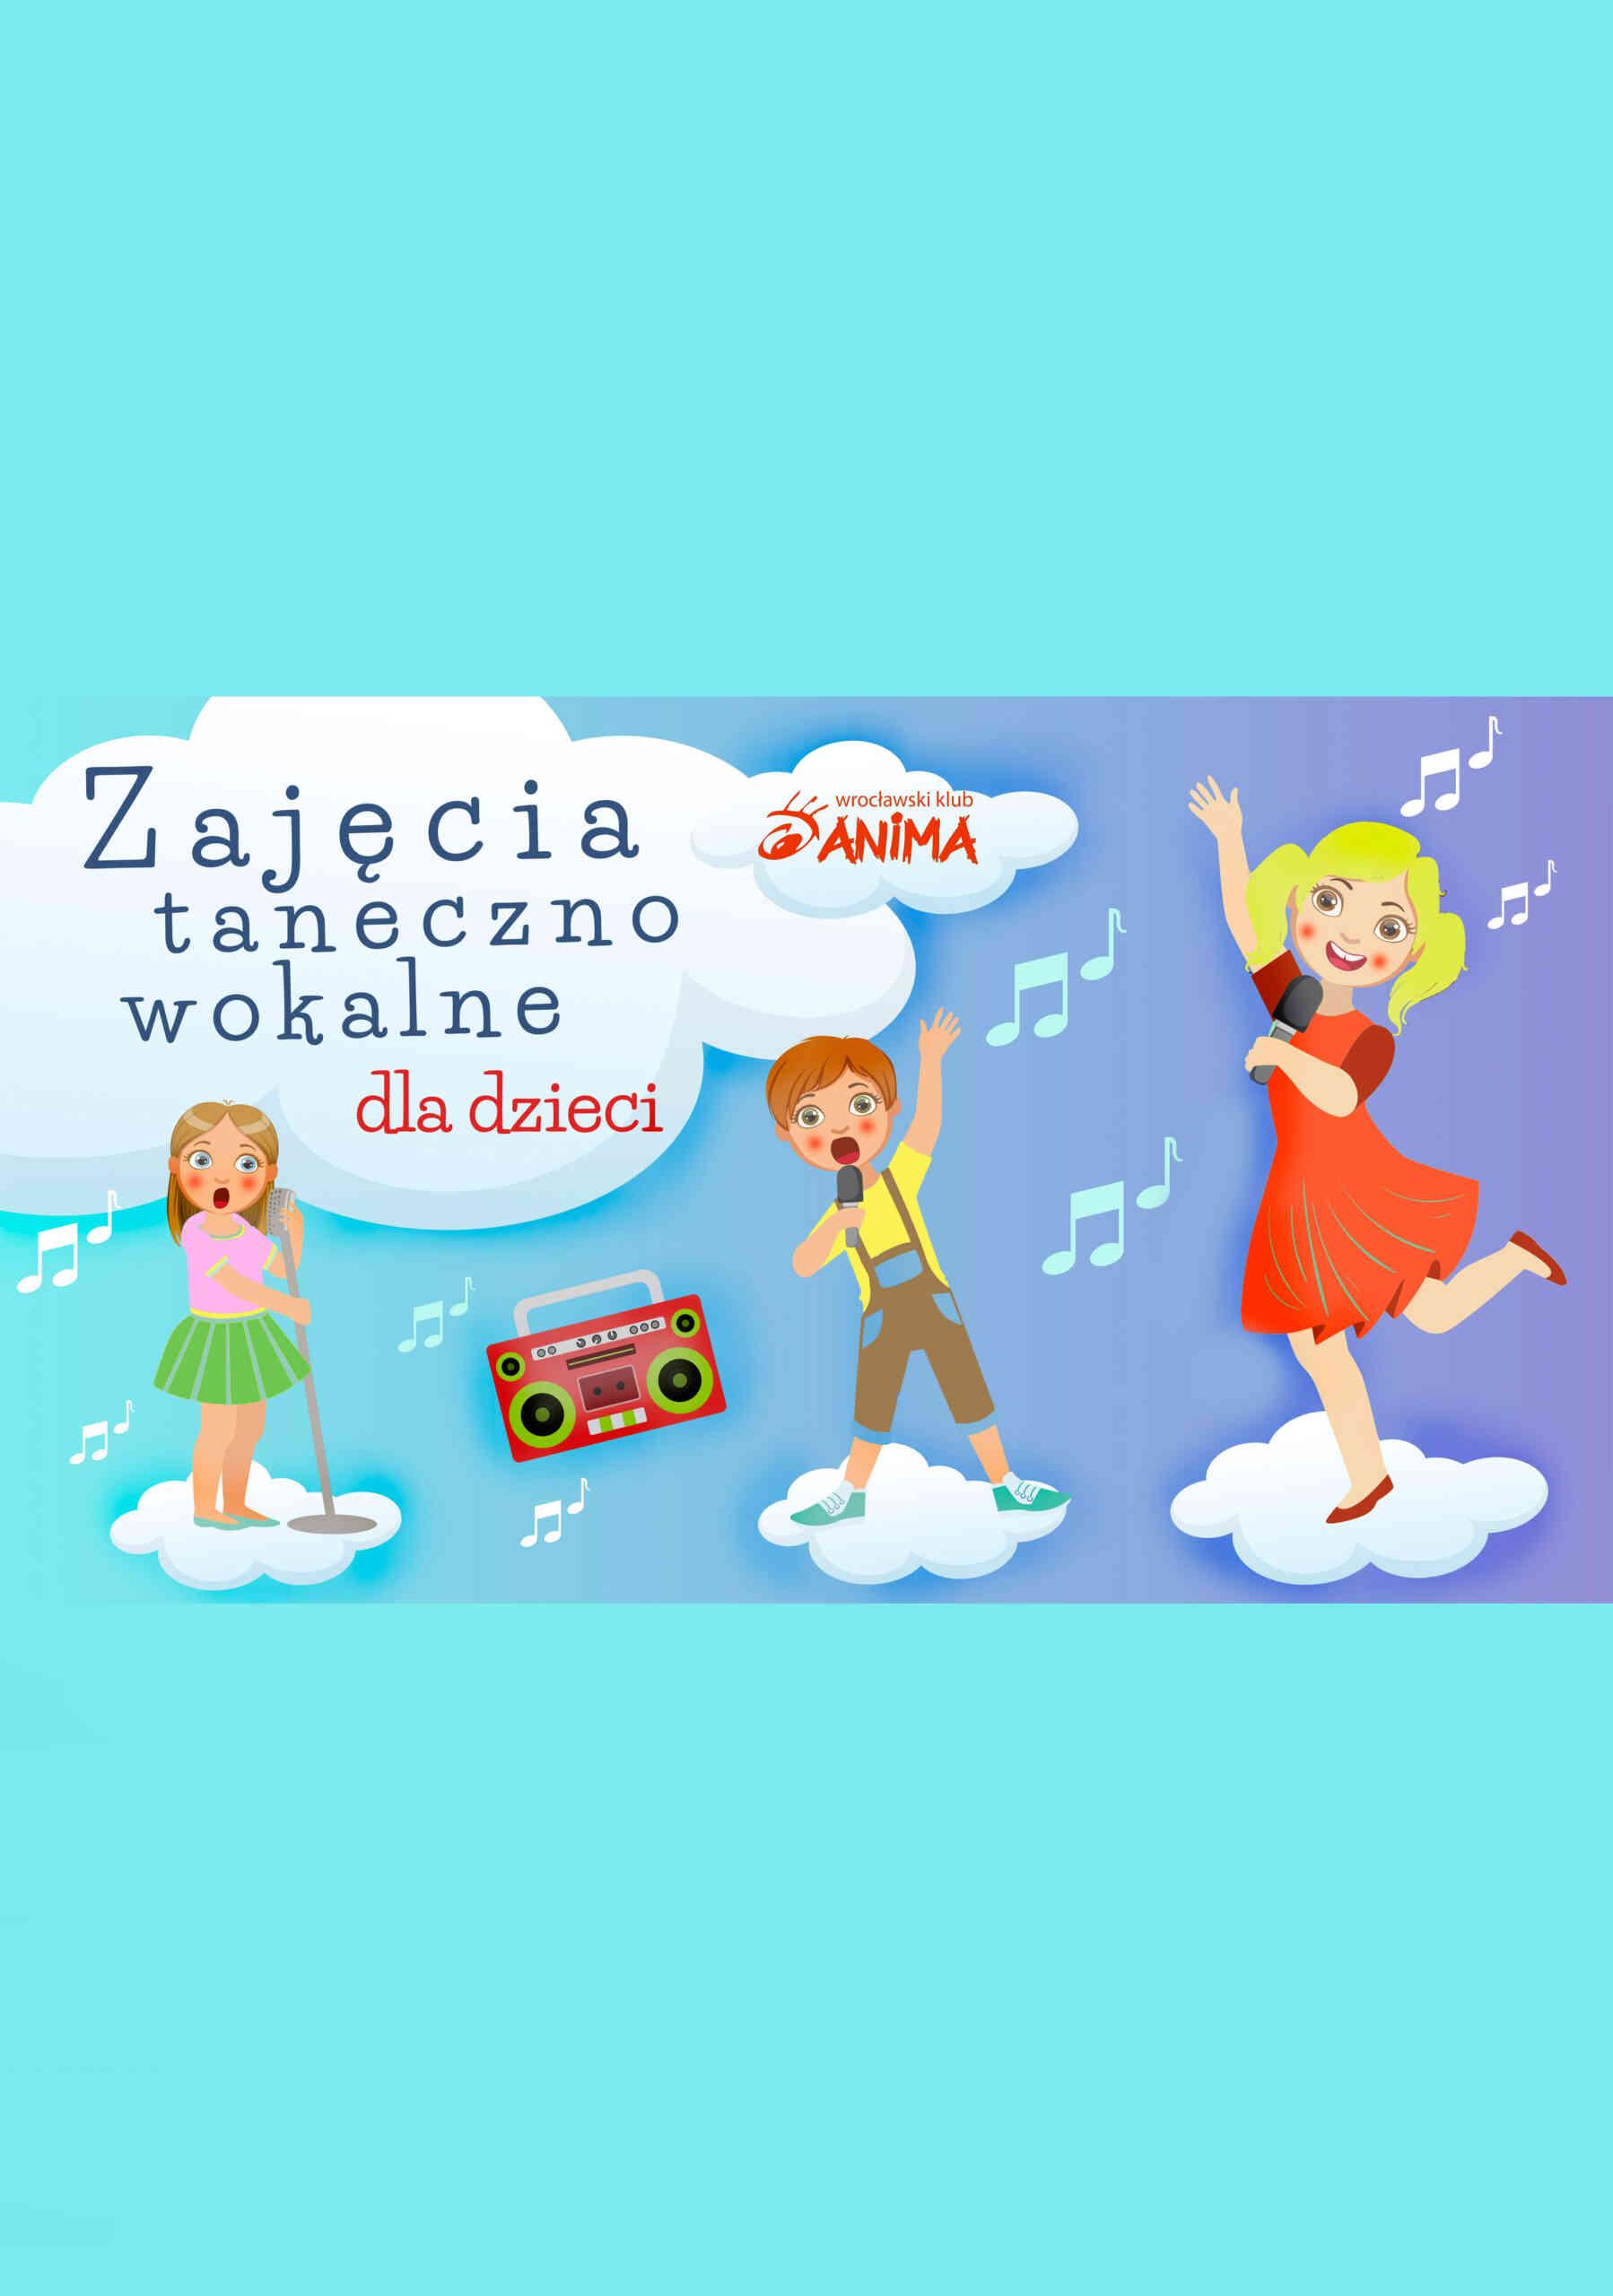 Startujemy z zajęciami taneczno-wokalnymi już od 4 października!